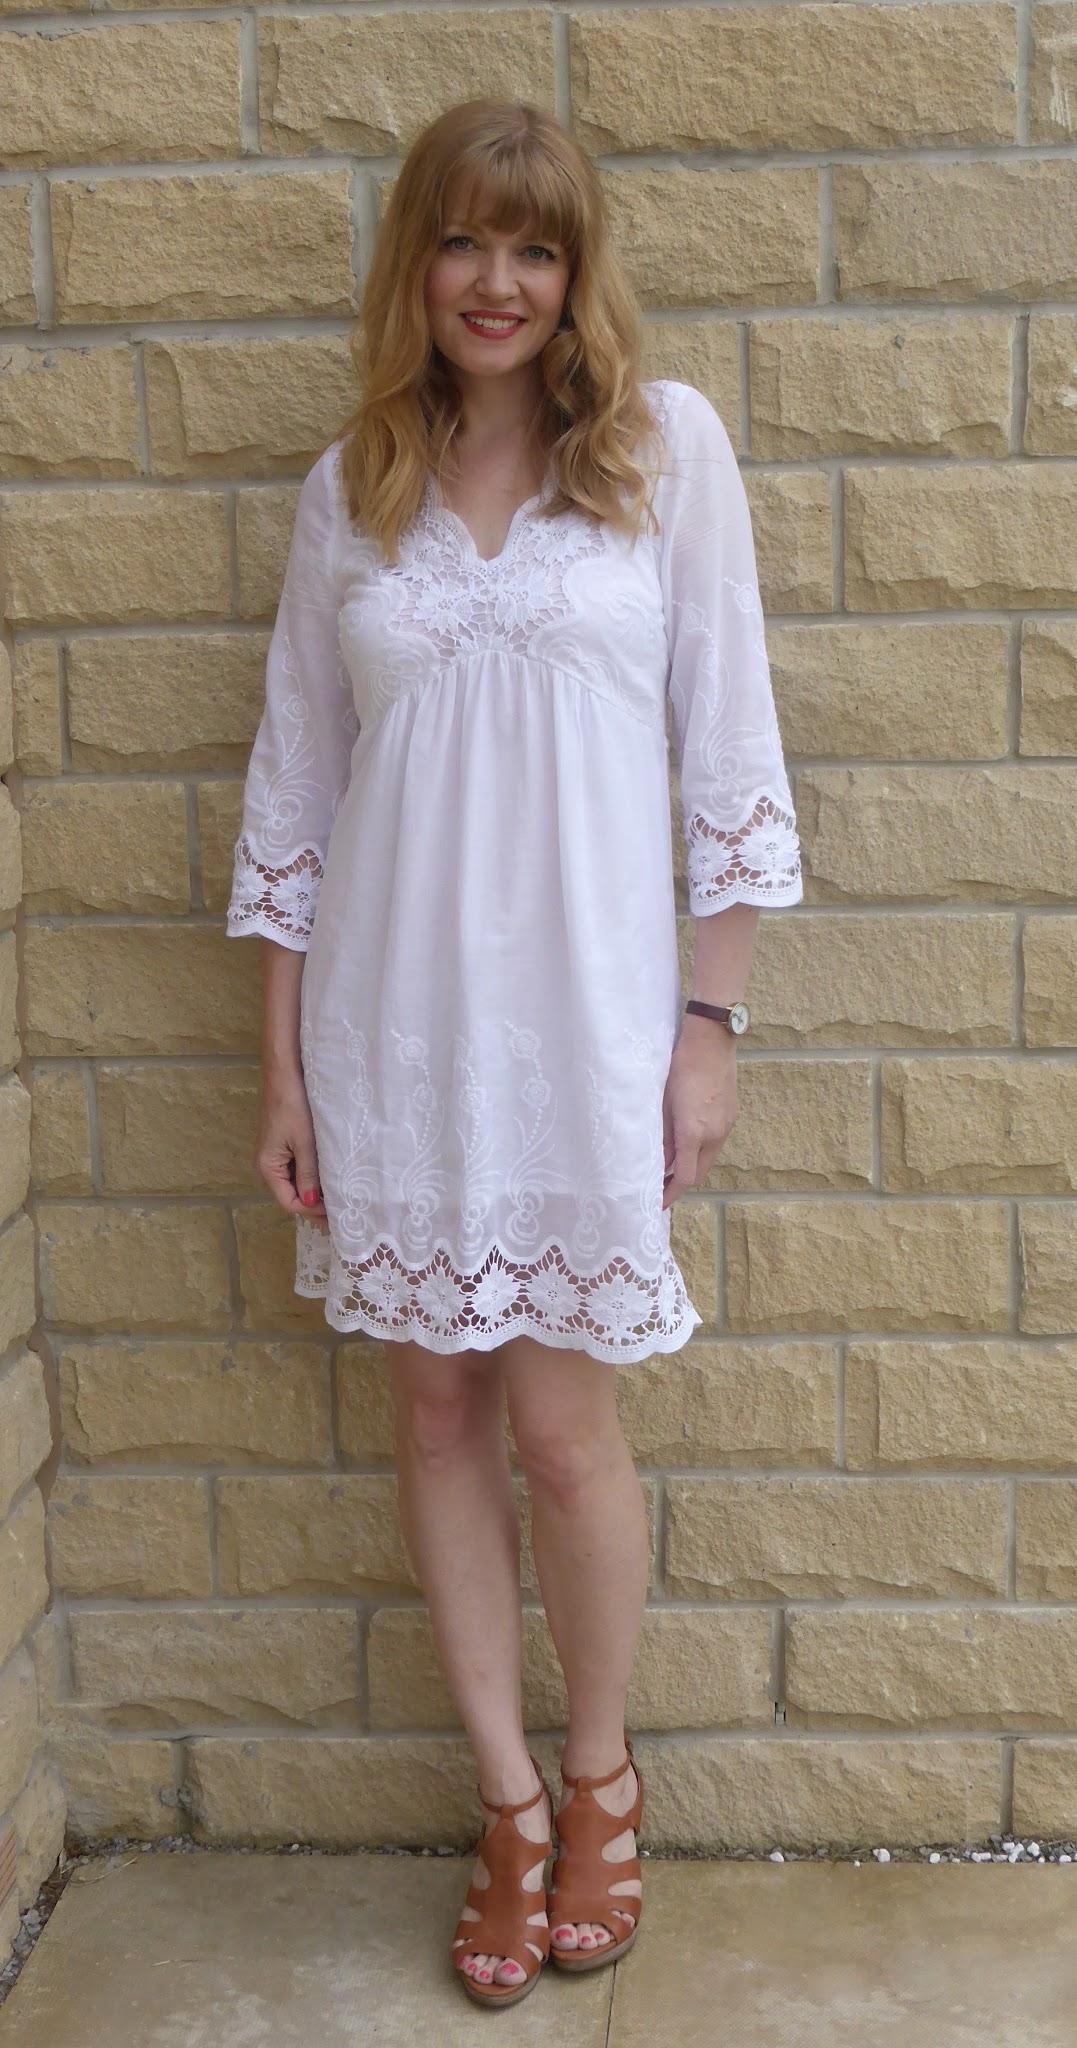 High Heels For White Dress